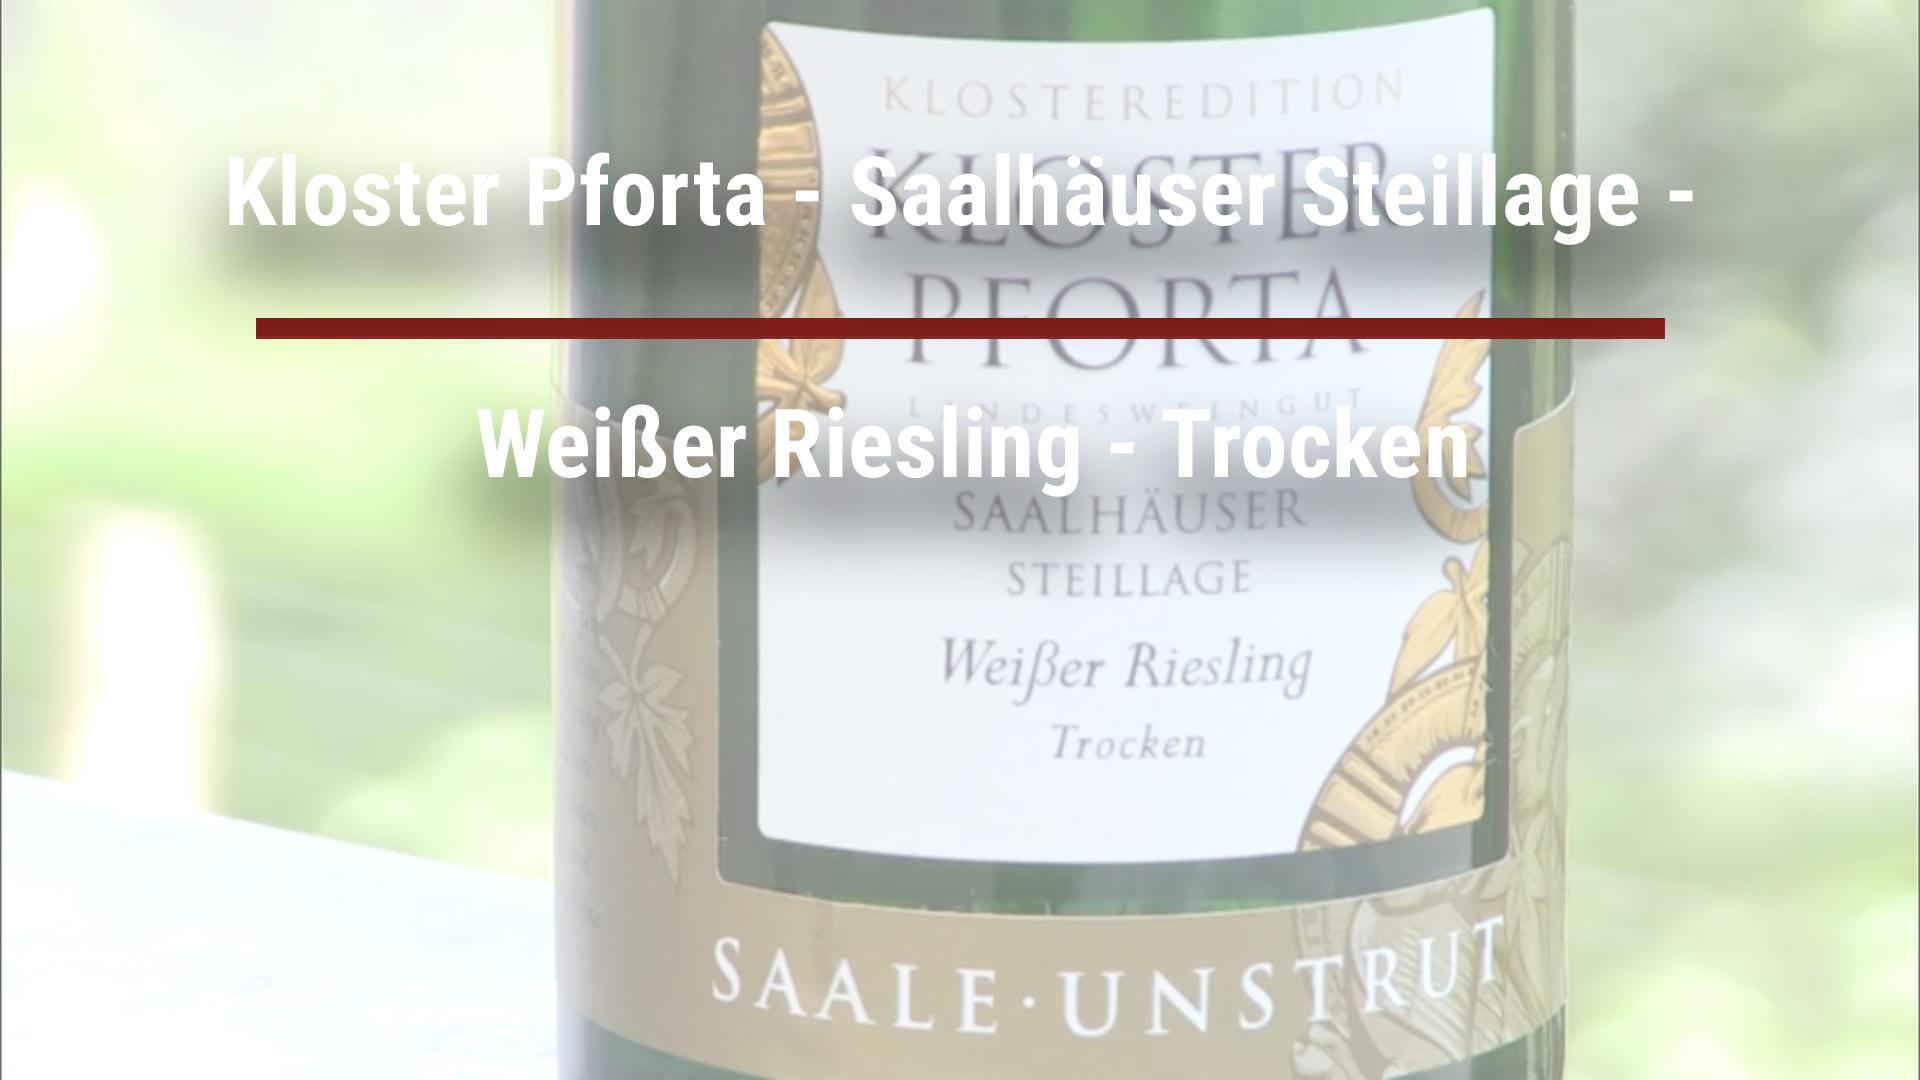 Kloster Pforta – Saalhäuser Steillage – Weißer Riesling – dry